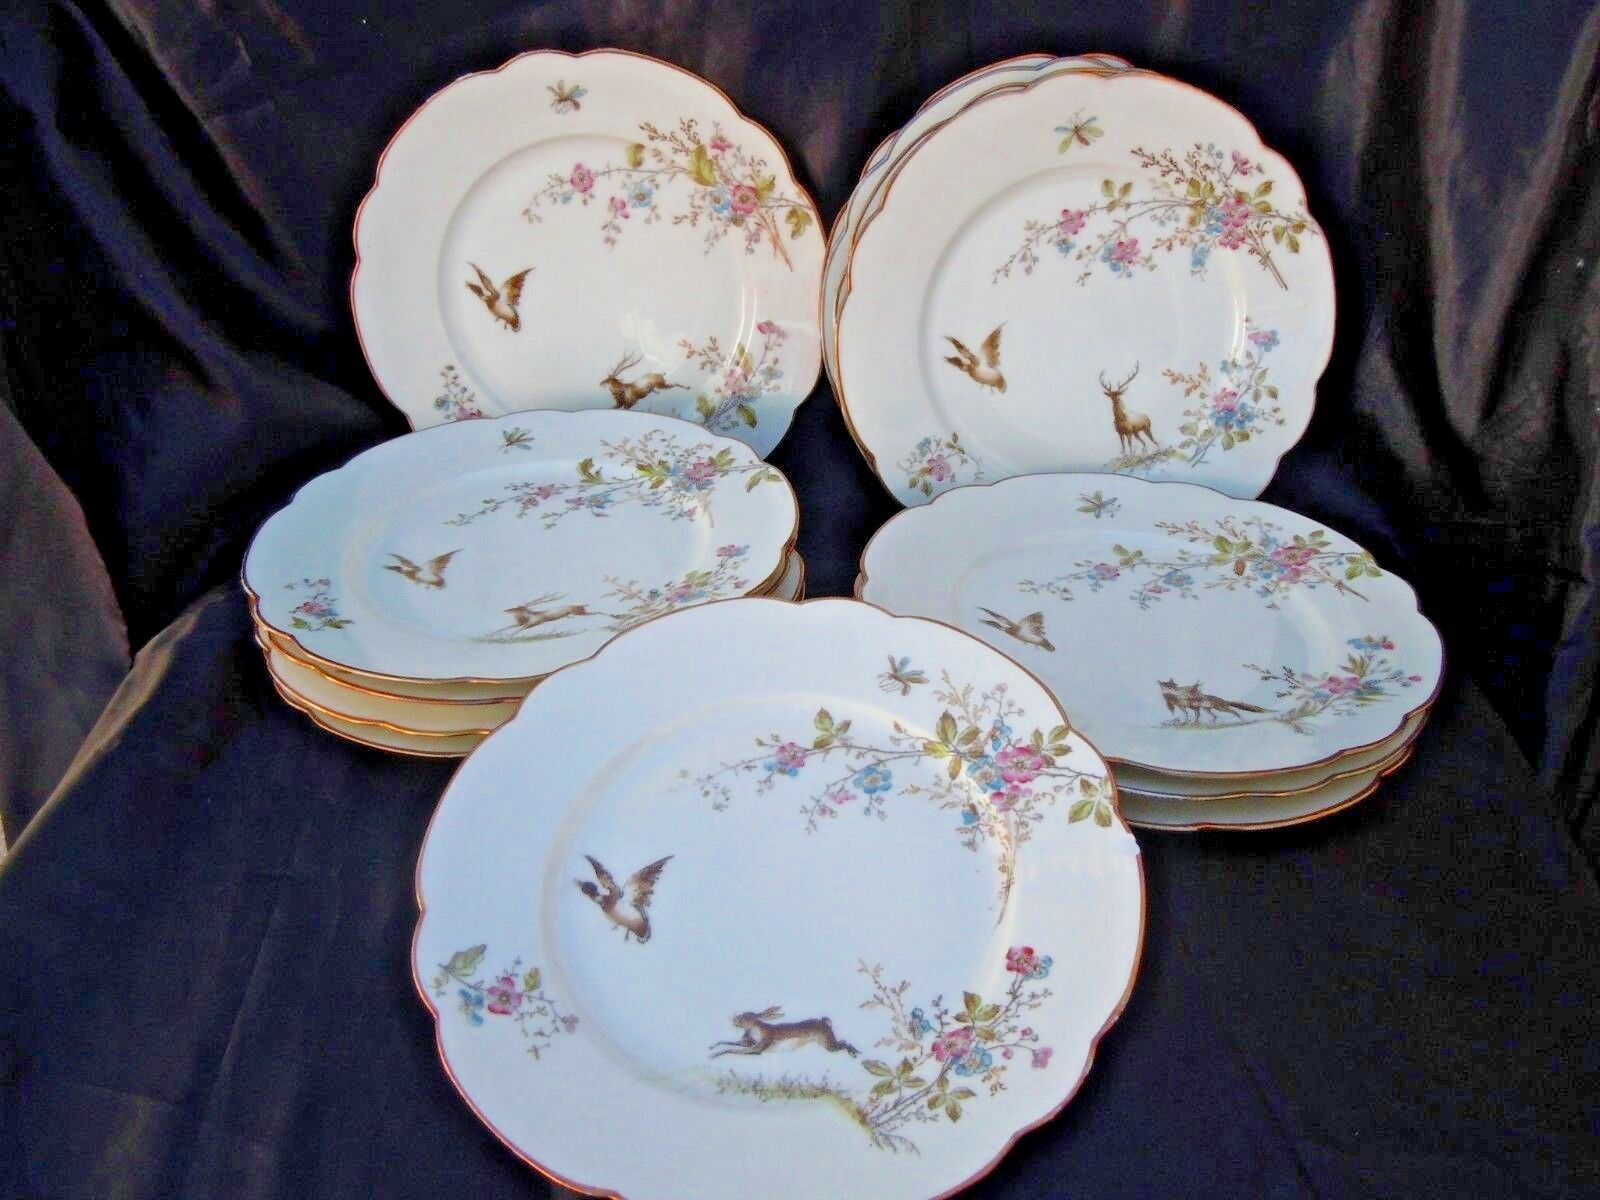 Assiettes porcelaine Franco Anglaise t de fer motif animaliers floraux chasse